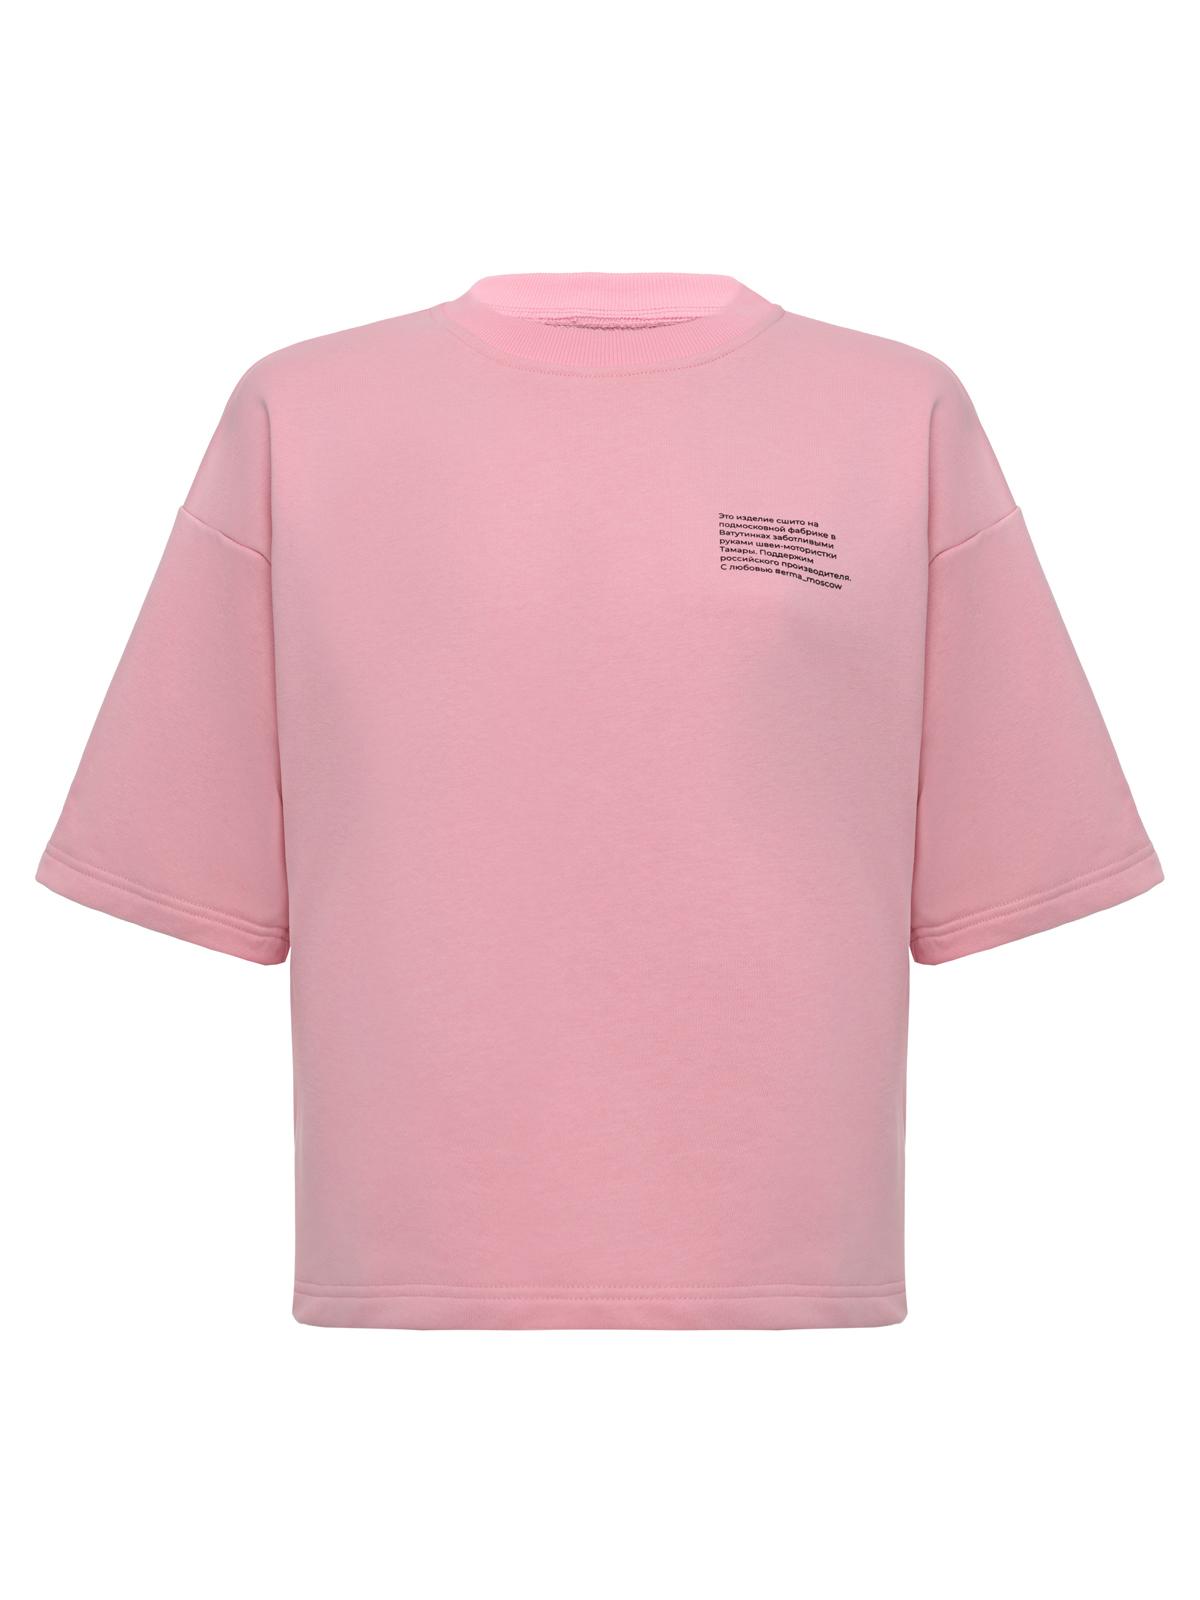 Футболка Розовая (SS0510)